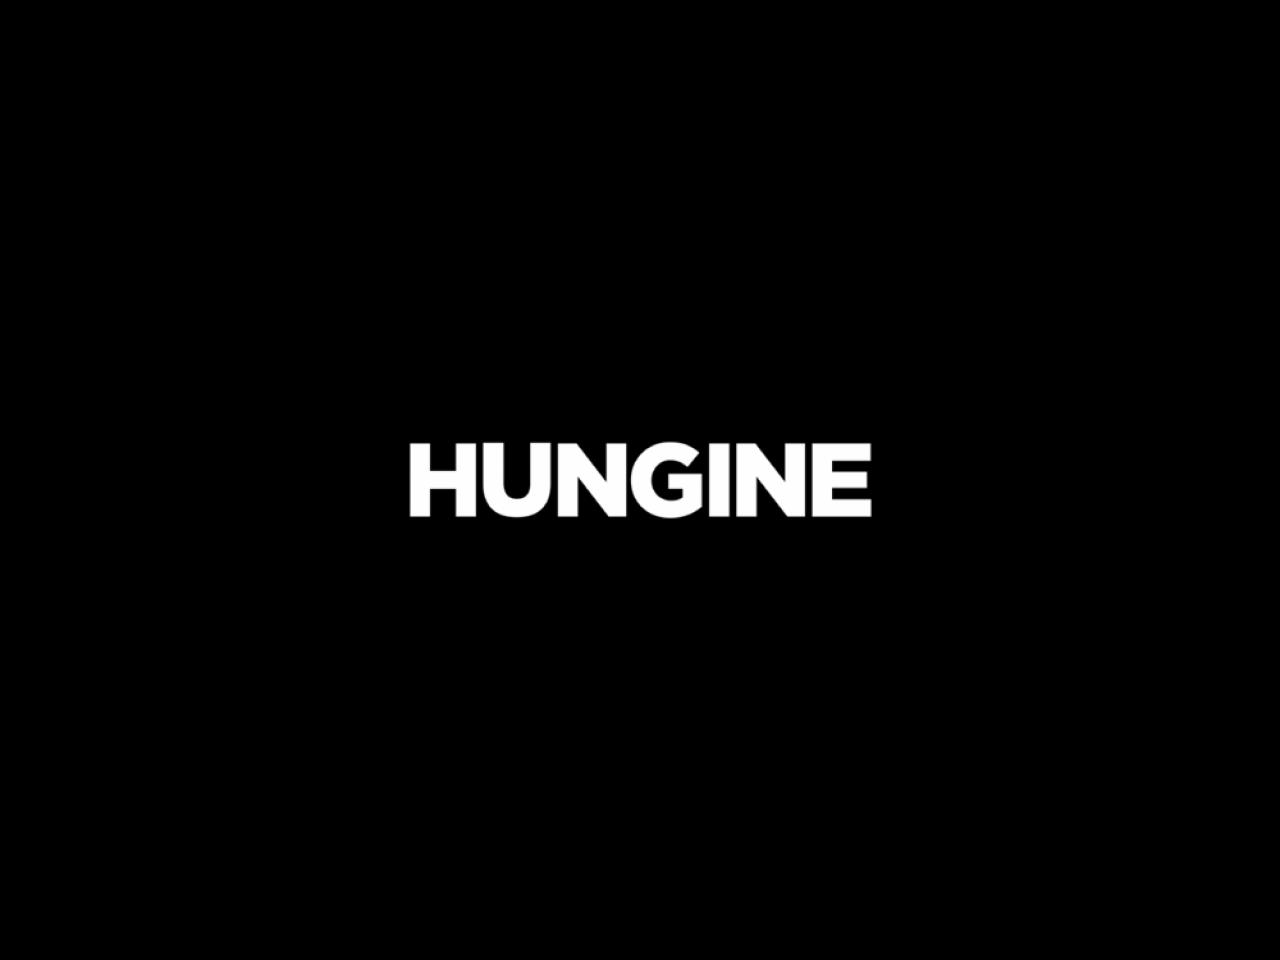 Hungine Magazine